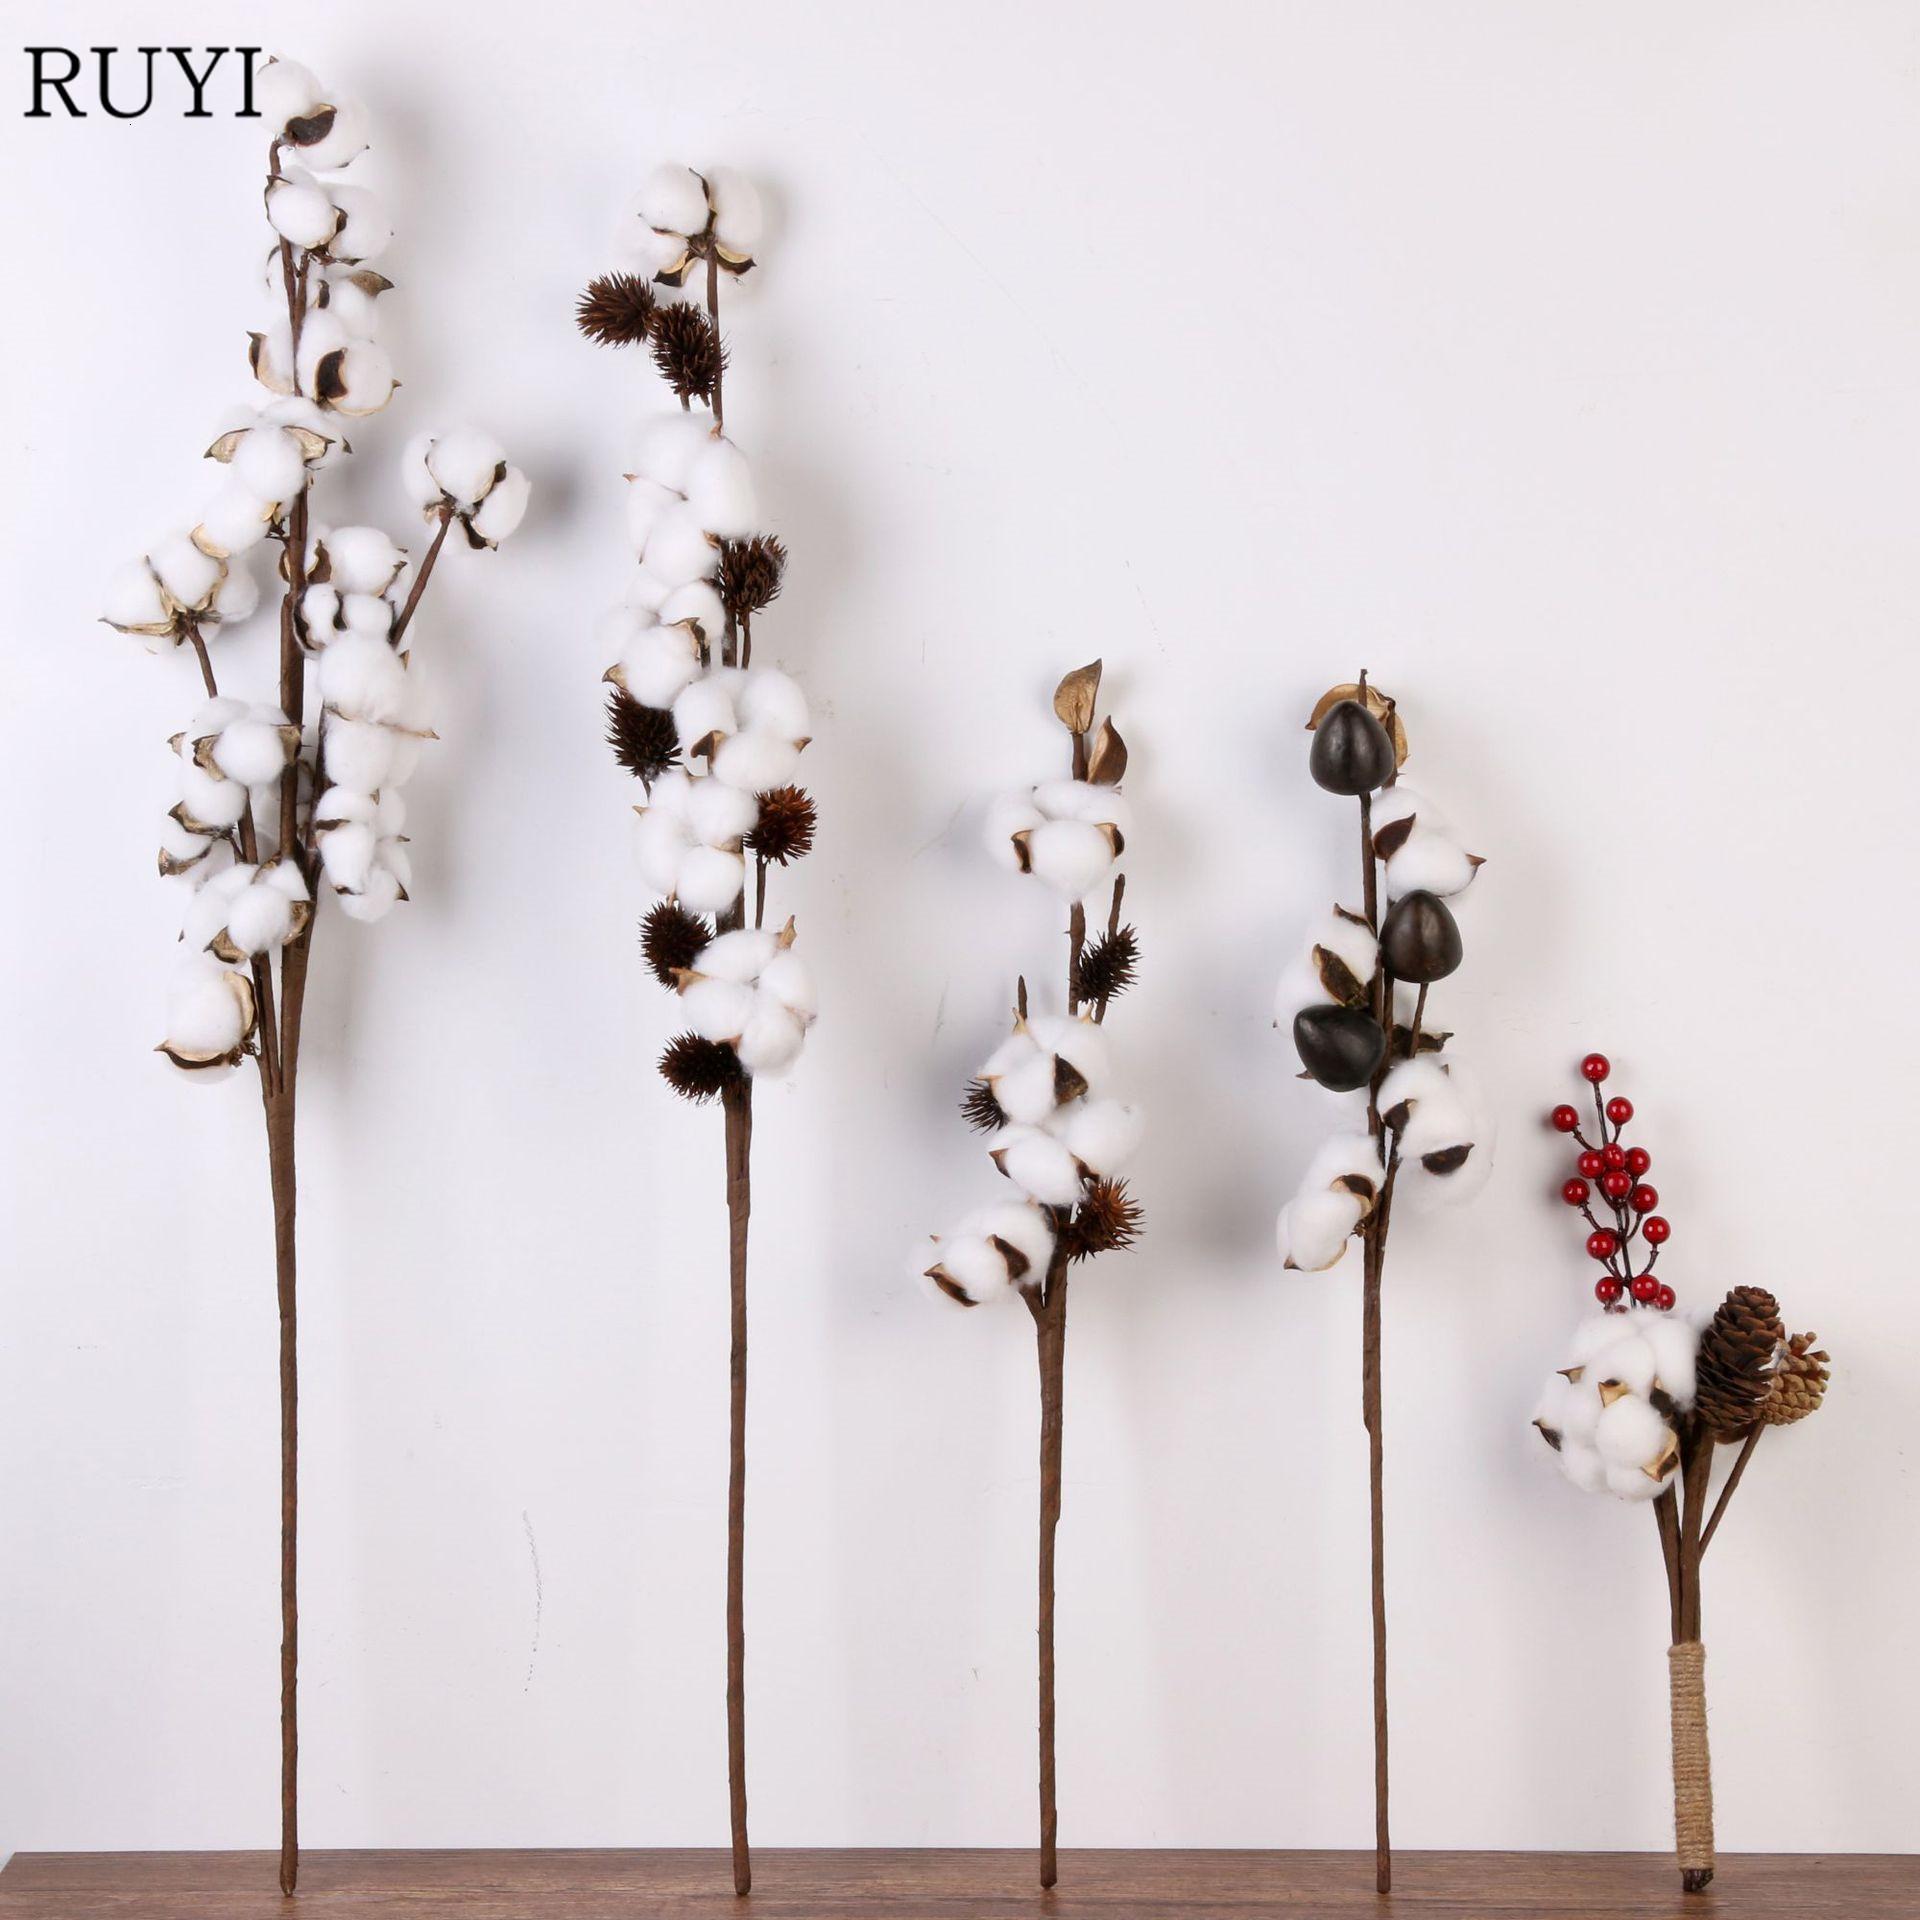 Nuevo estilo de la flor artificial de algodón 2 colores sola rama decoración de la boda flor de la simulación de bricolaje para el hogar del partido de oficina 1 PCS T191029